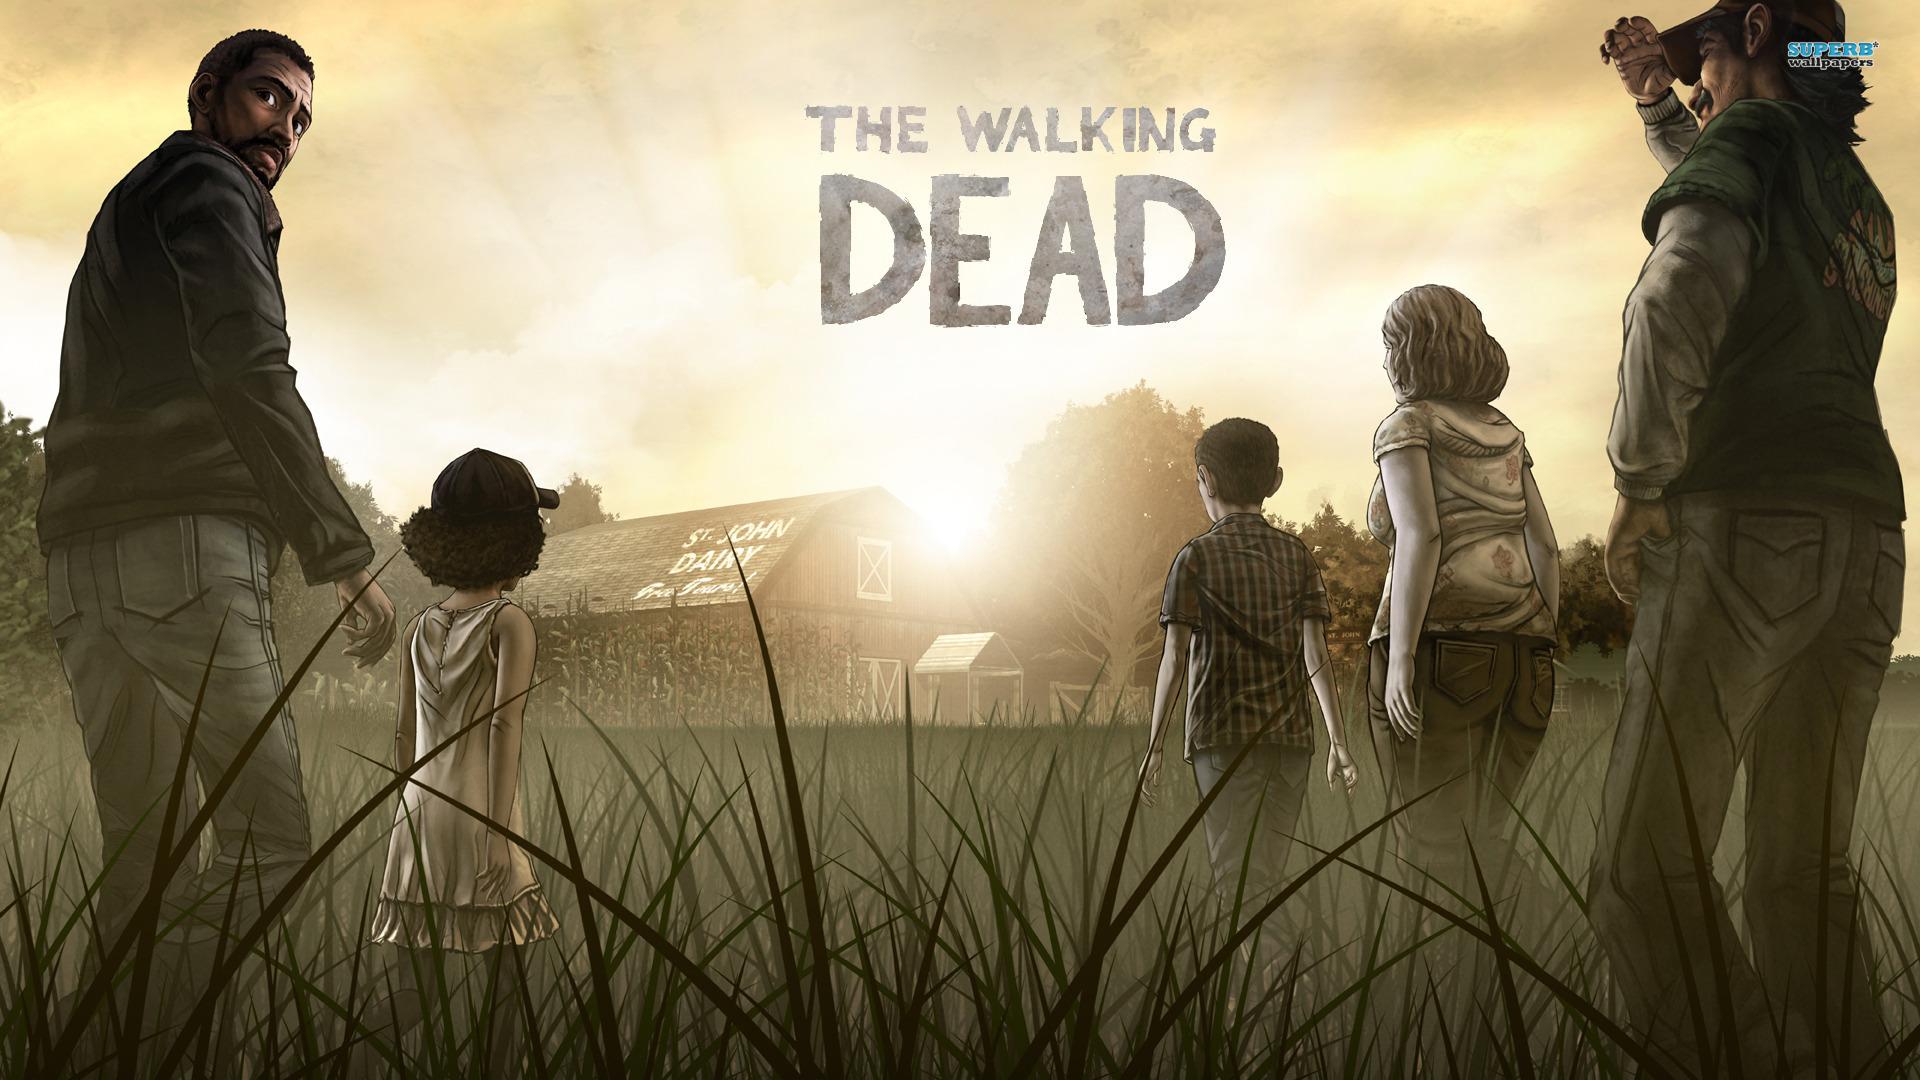 the walking dead season 5 wallpaper 1366x768